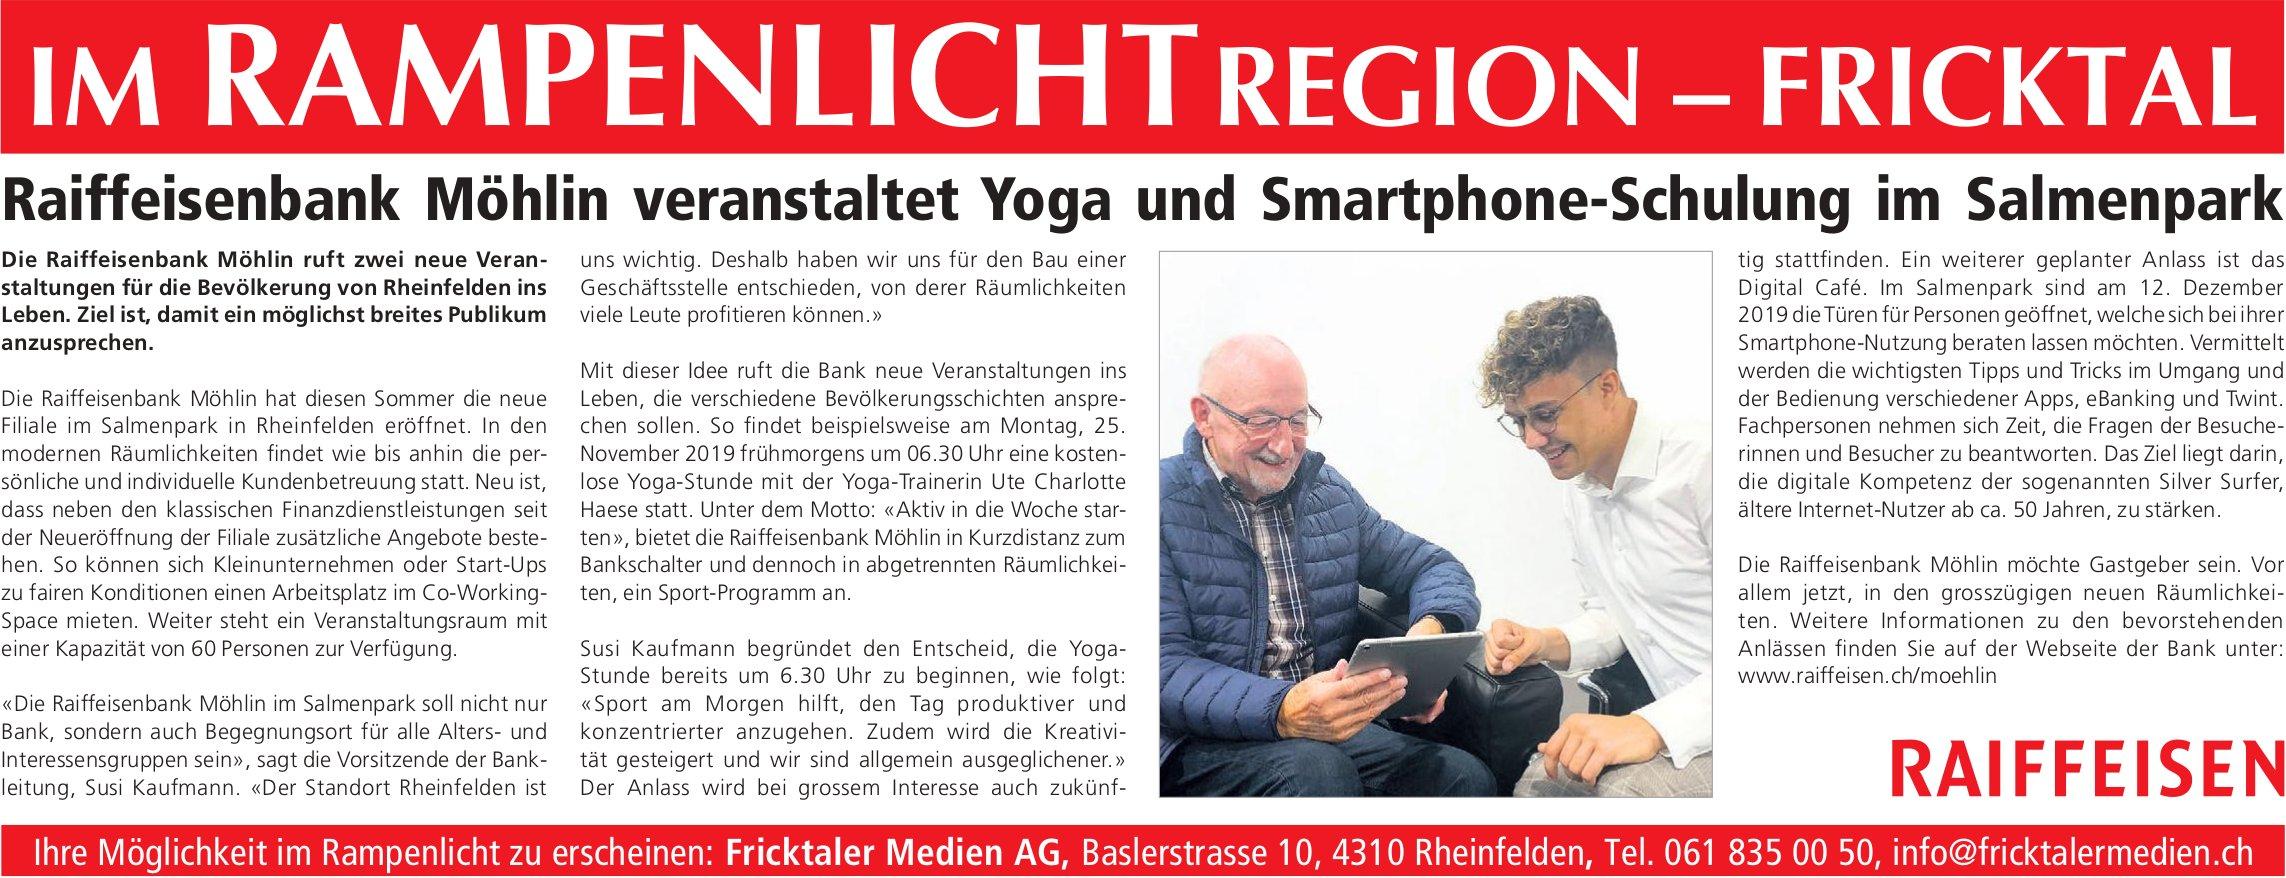 Raiffeisenbank Möhlin veranstaltet Yoga und Smartphone-Schulung im Salmenpark